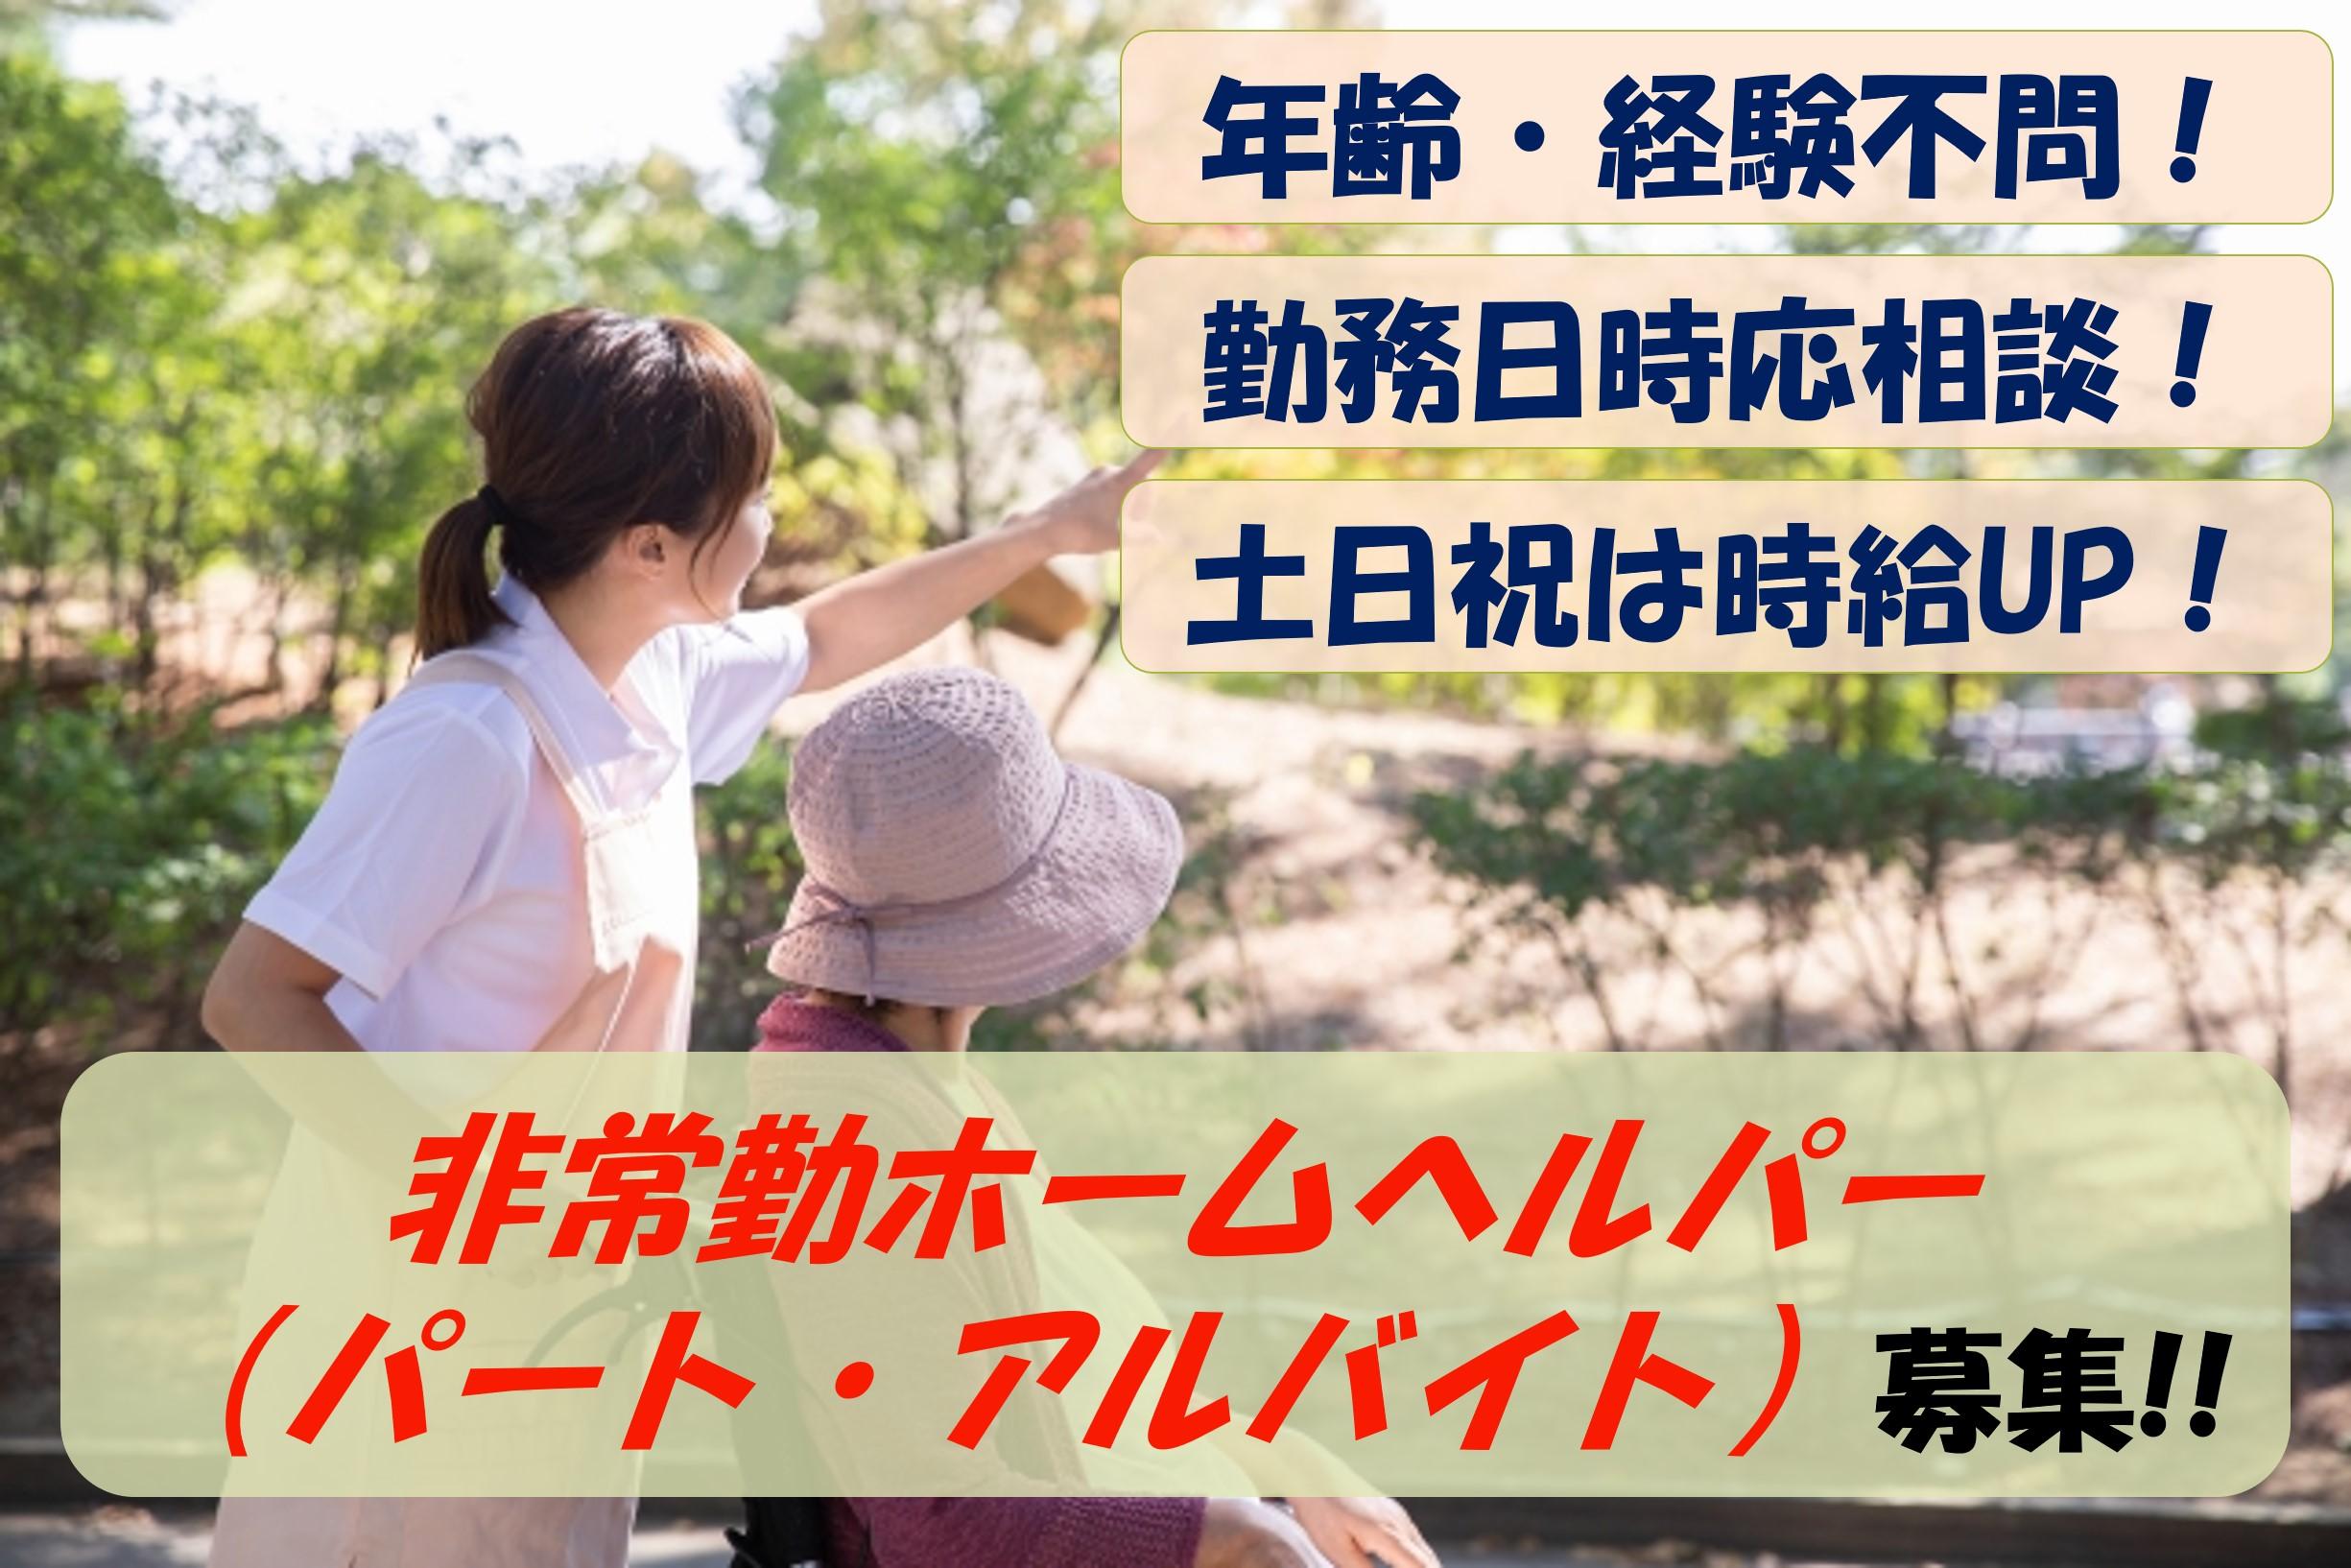 【即面談可能】勤務日時応相談!土日祝は時給UP!非常勤ホームヘルパー募集 イメージ